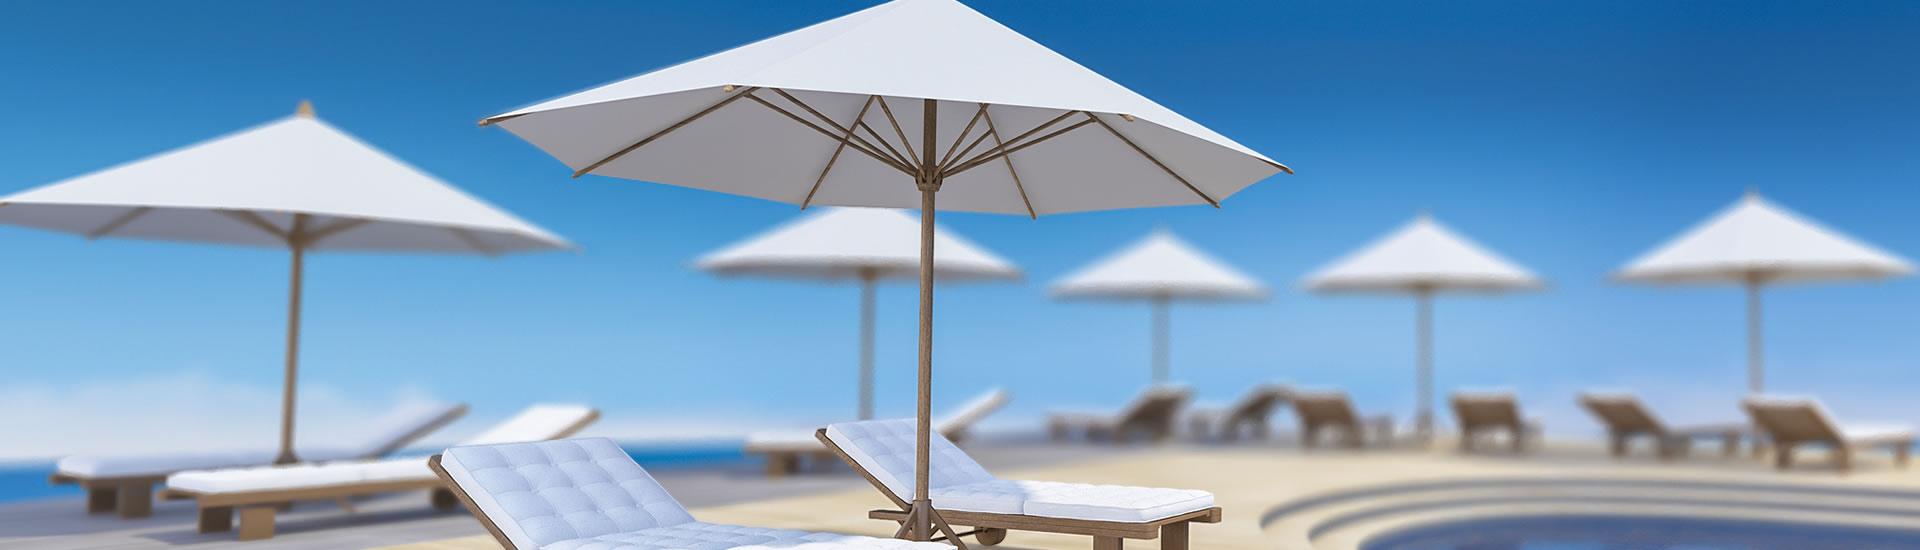 slider_daybed-and-umbrella_v2